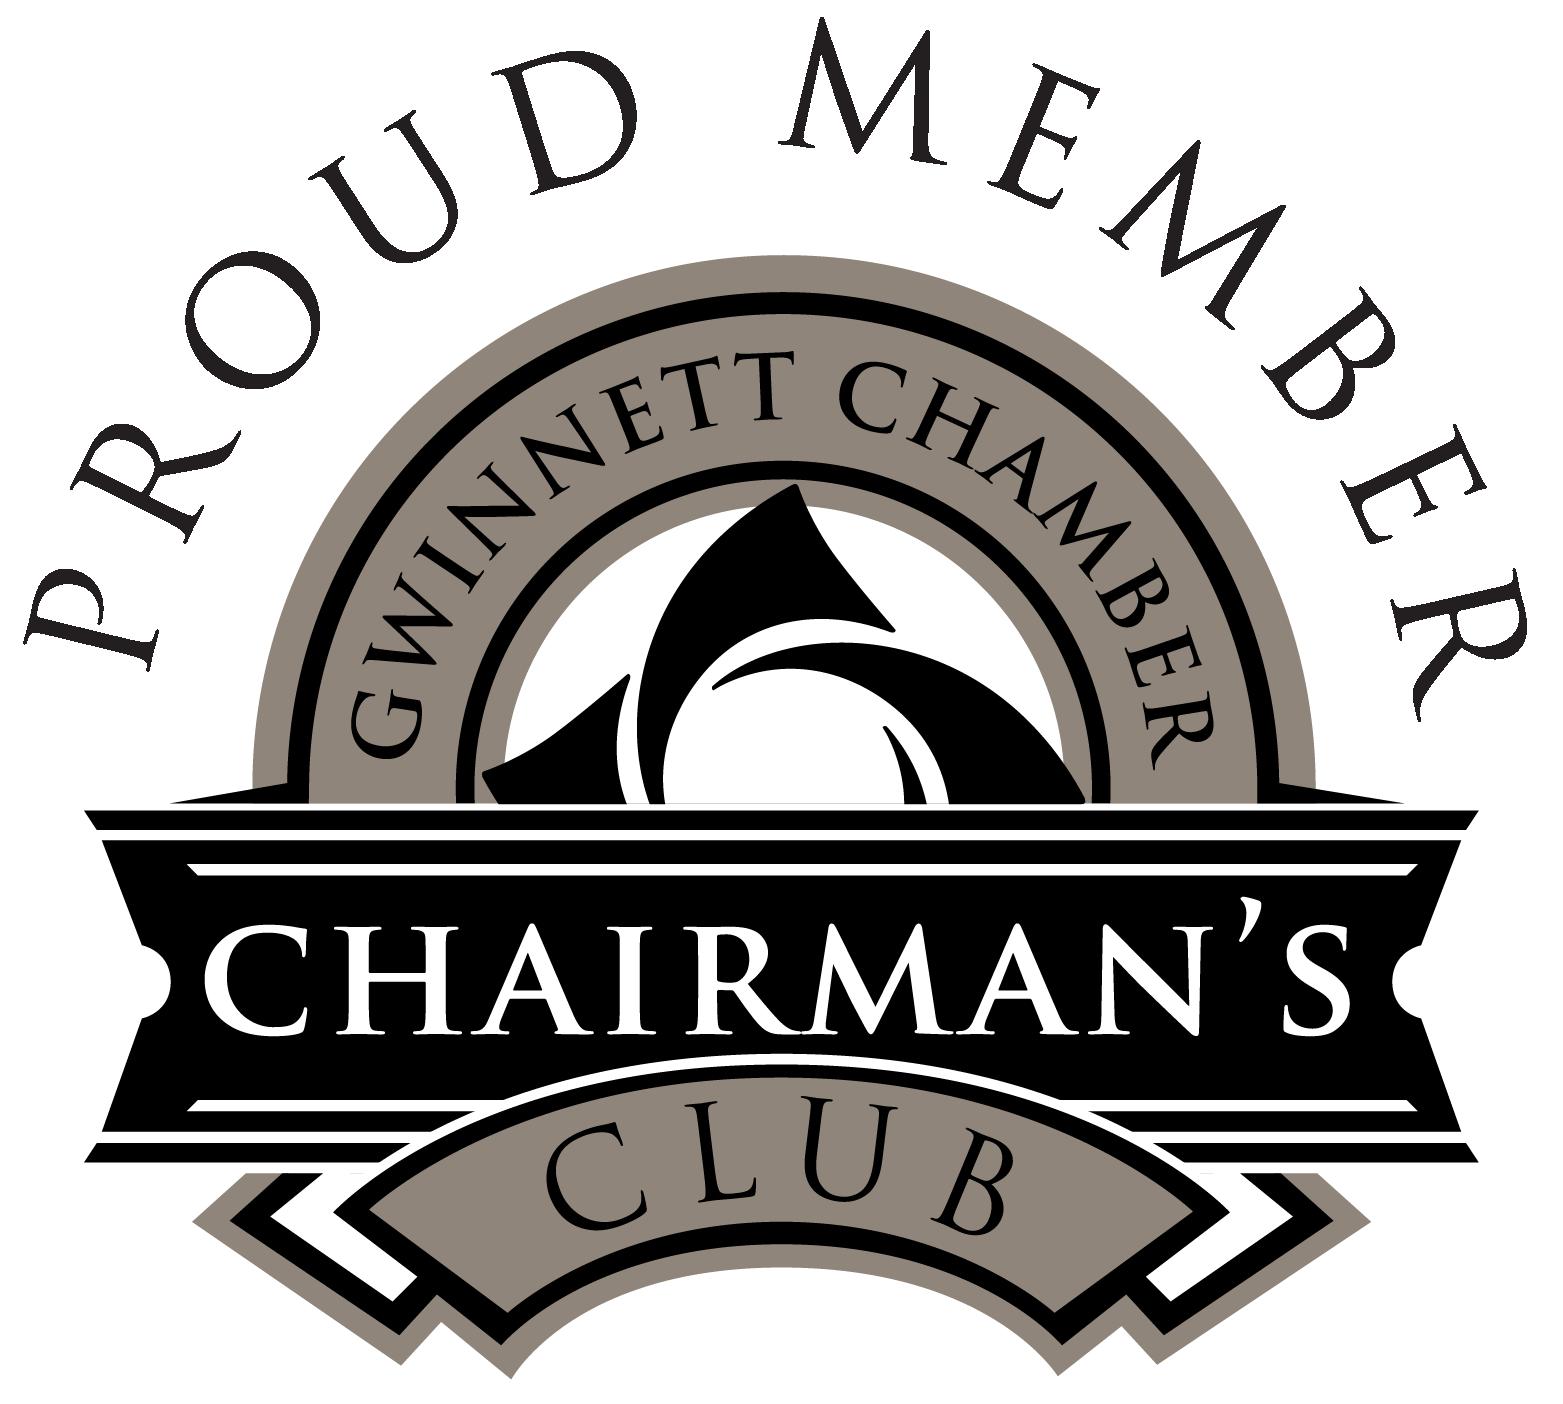 Gwinnett Chairman's Club